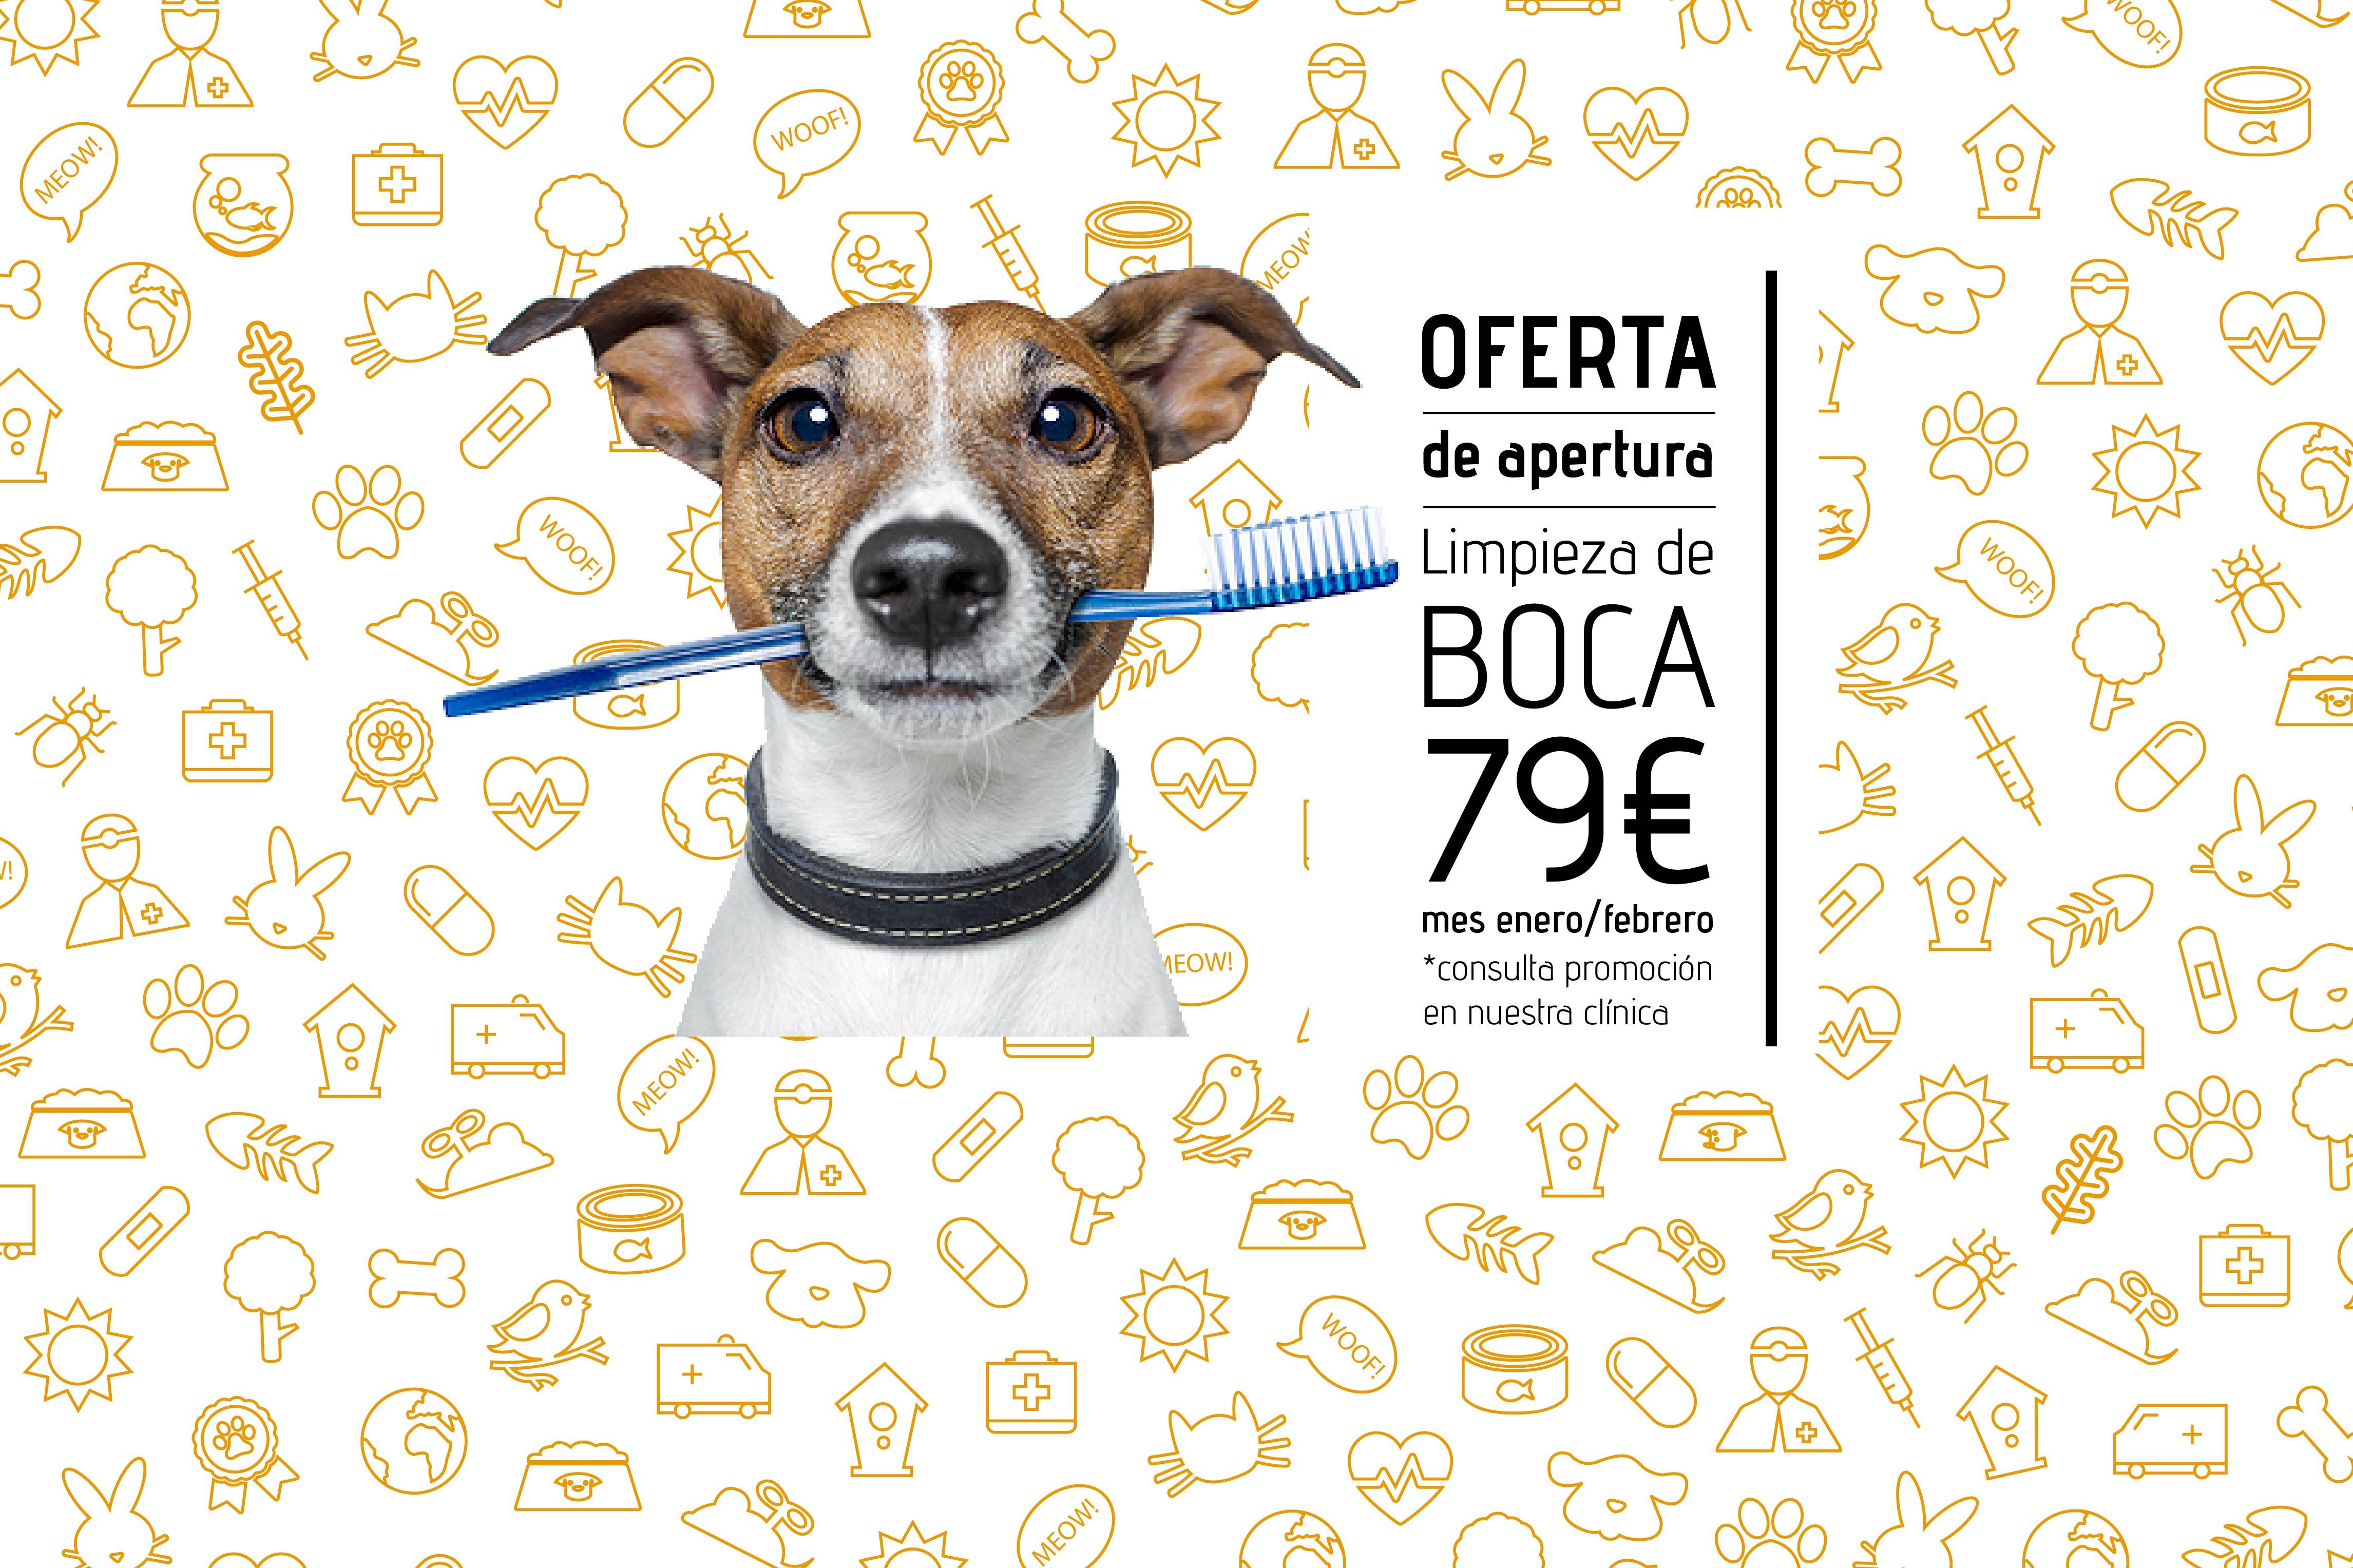 Oferta apertura LIMPIEZA DE BOCA A 79€